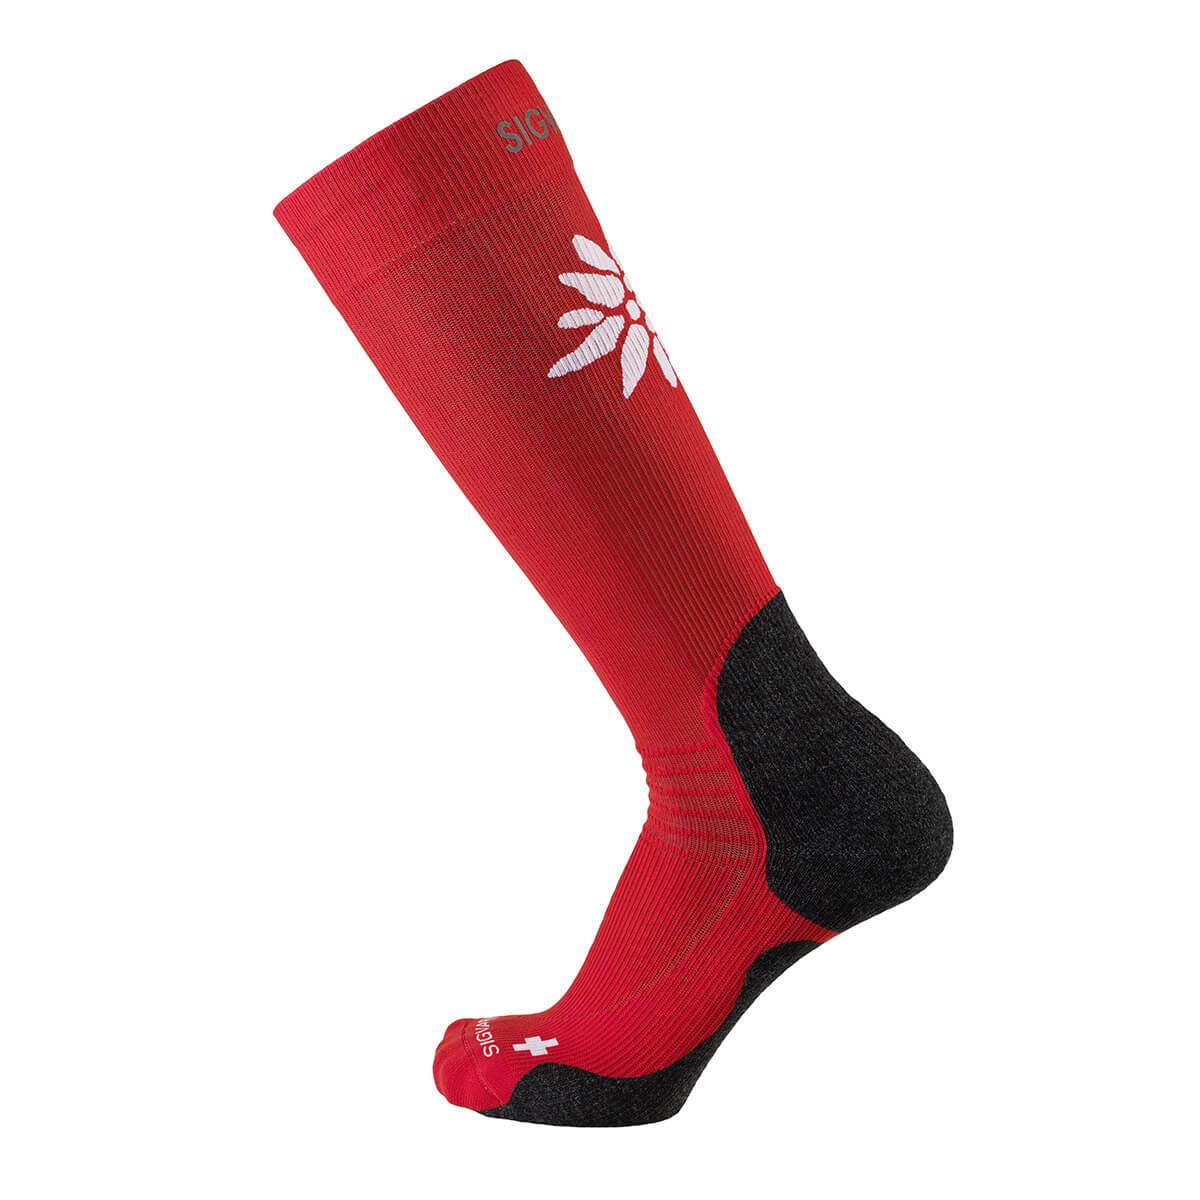 Turistické podkolienky SIGVARIS - červené, veľkosť obuvi 35-38,5, obvodová veľkosť XS